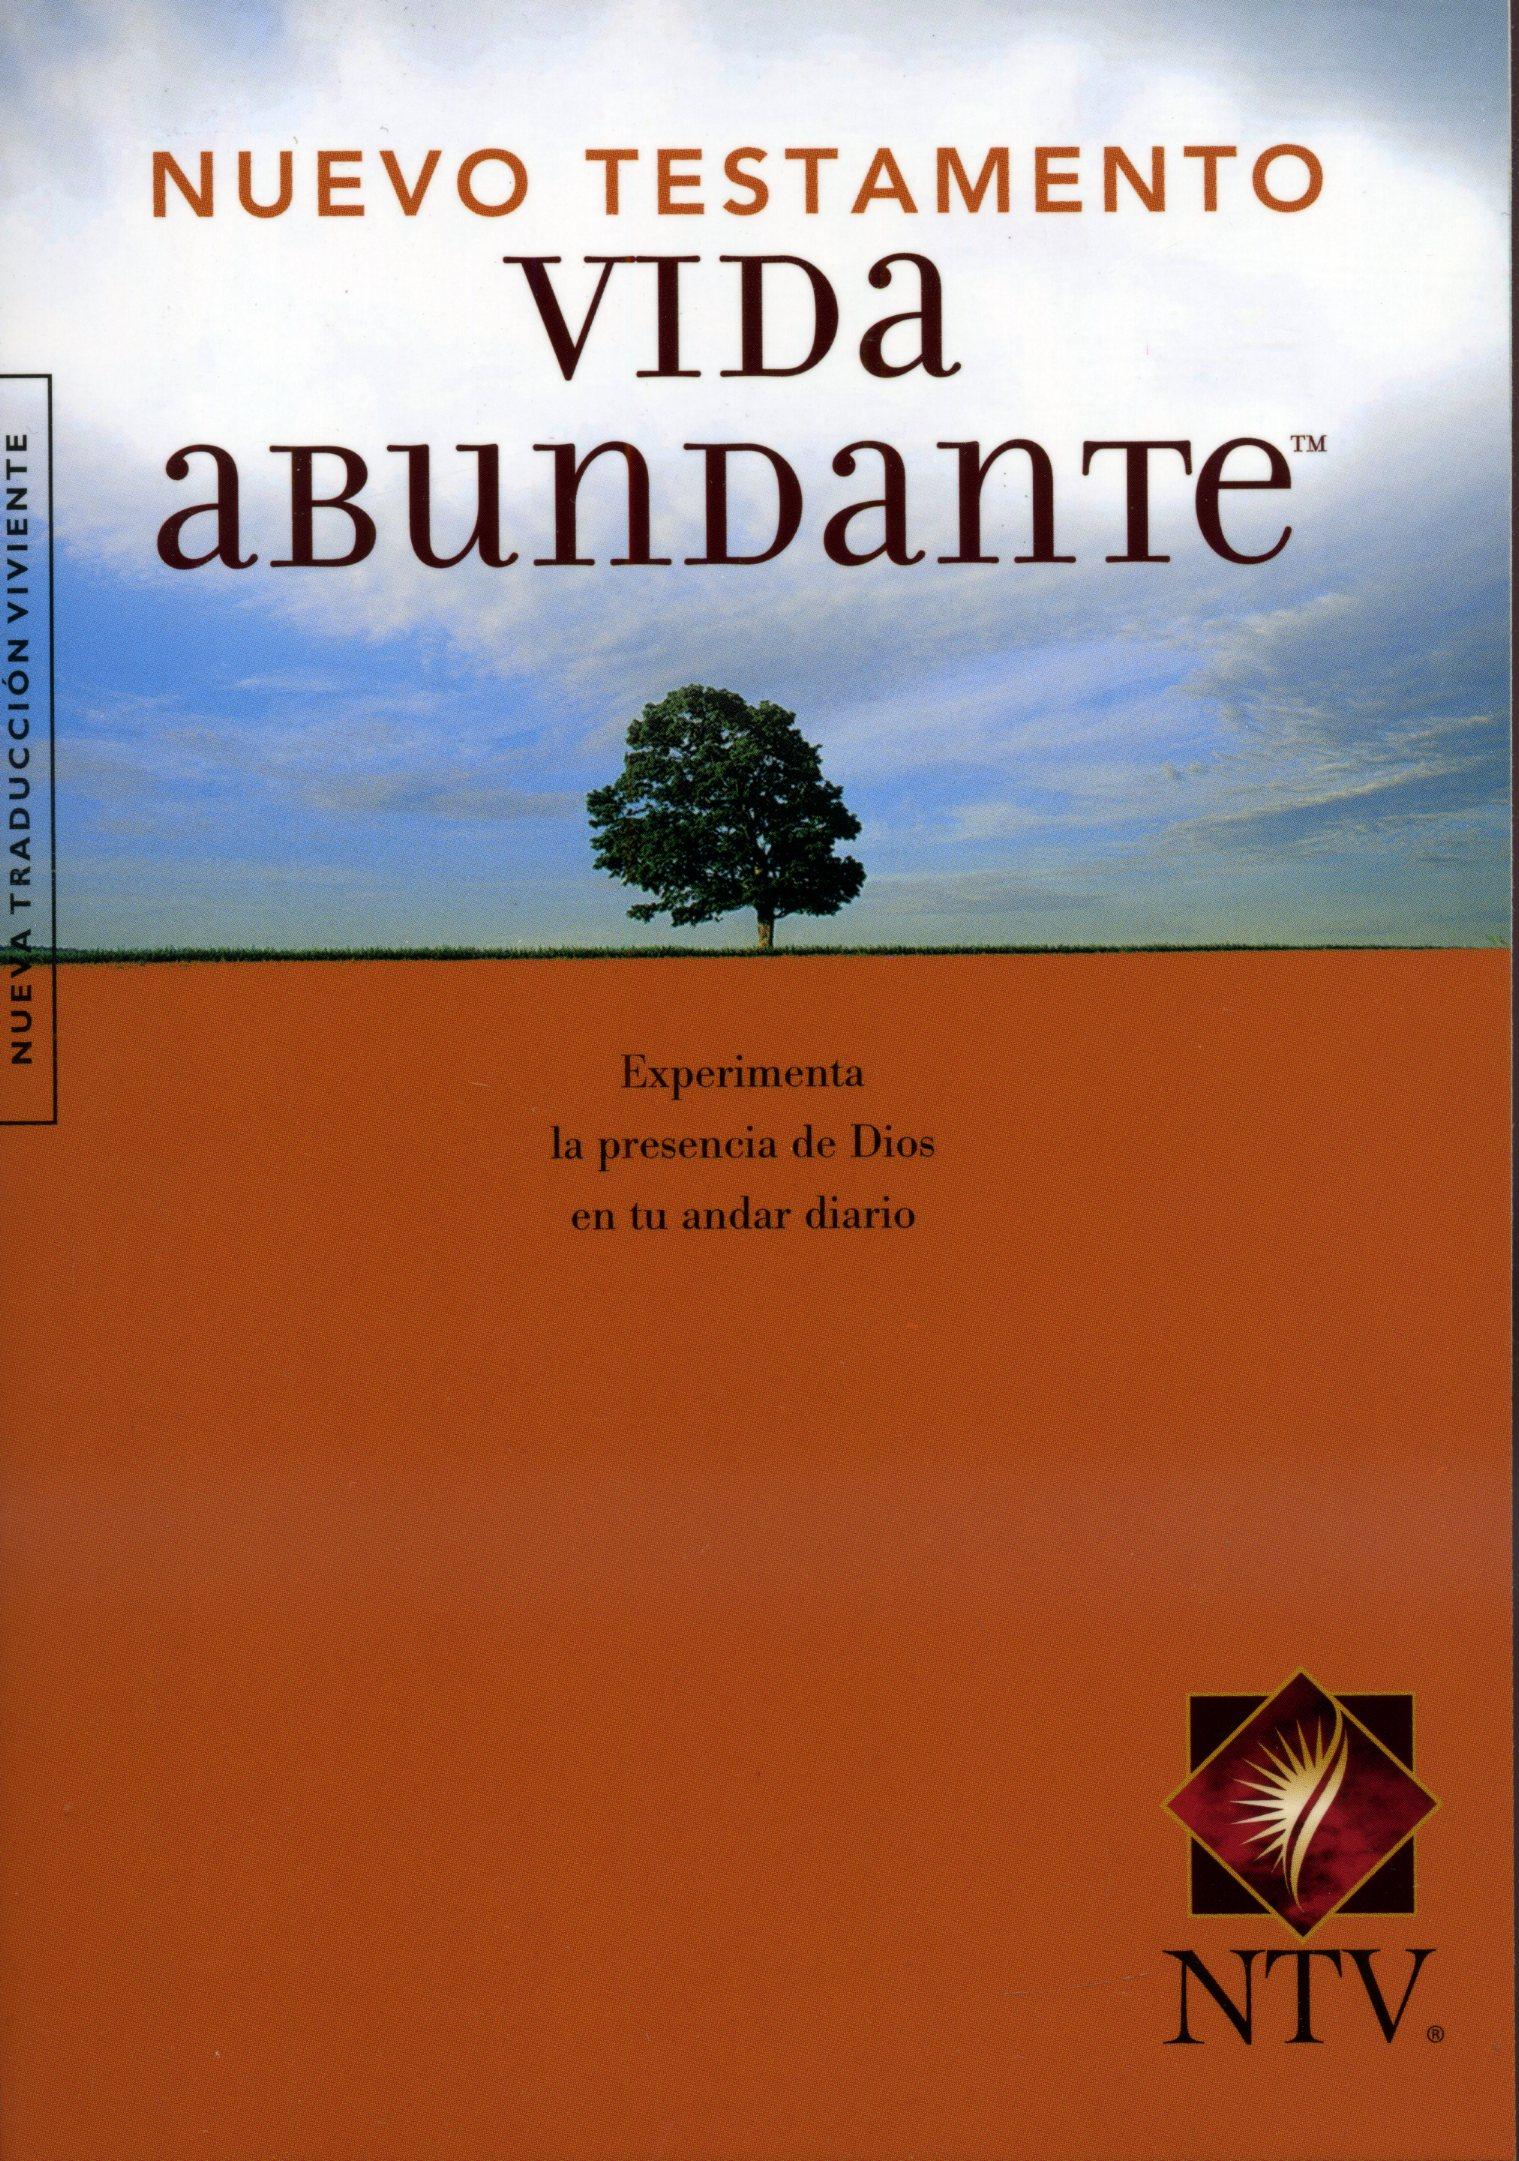 Nuevo Testamento Vida Abundante NTV